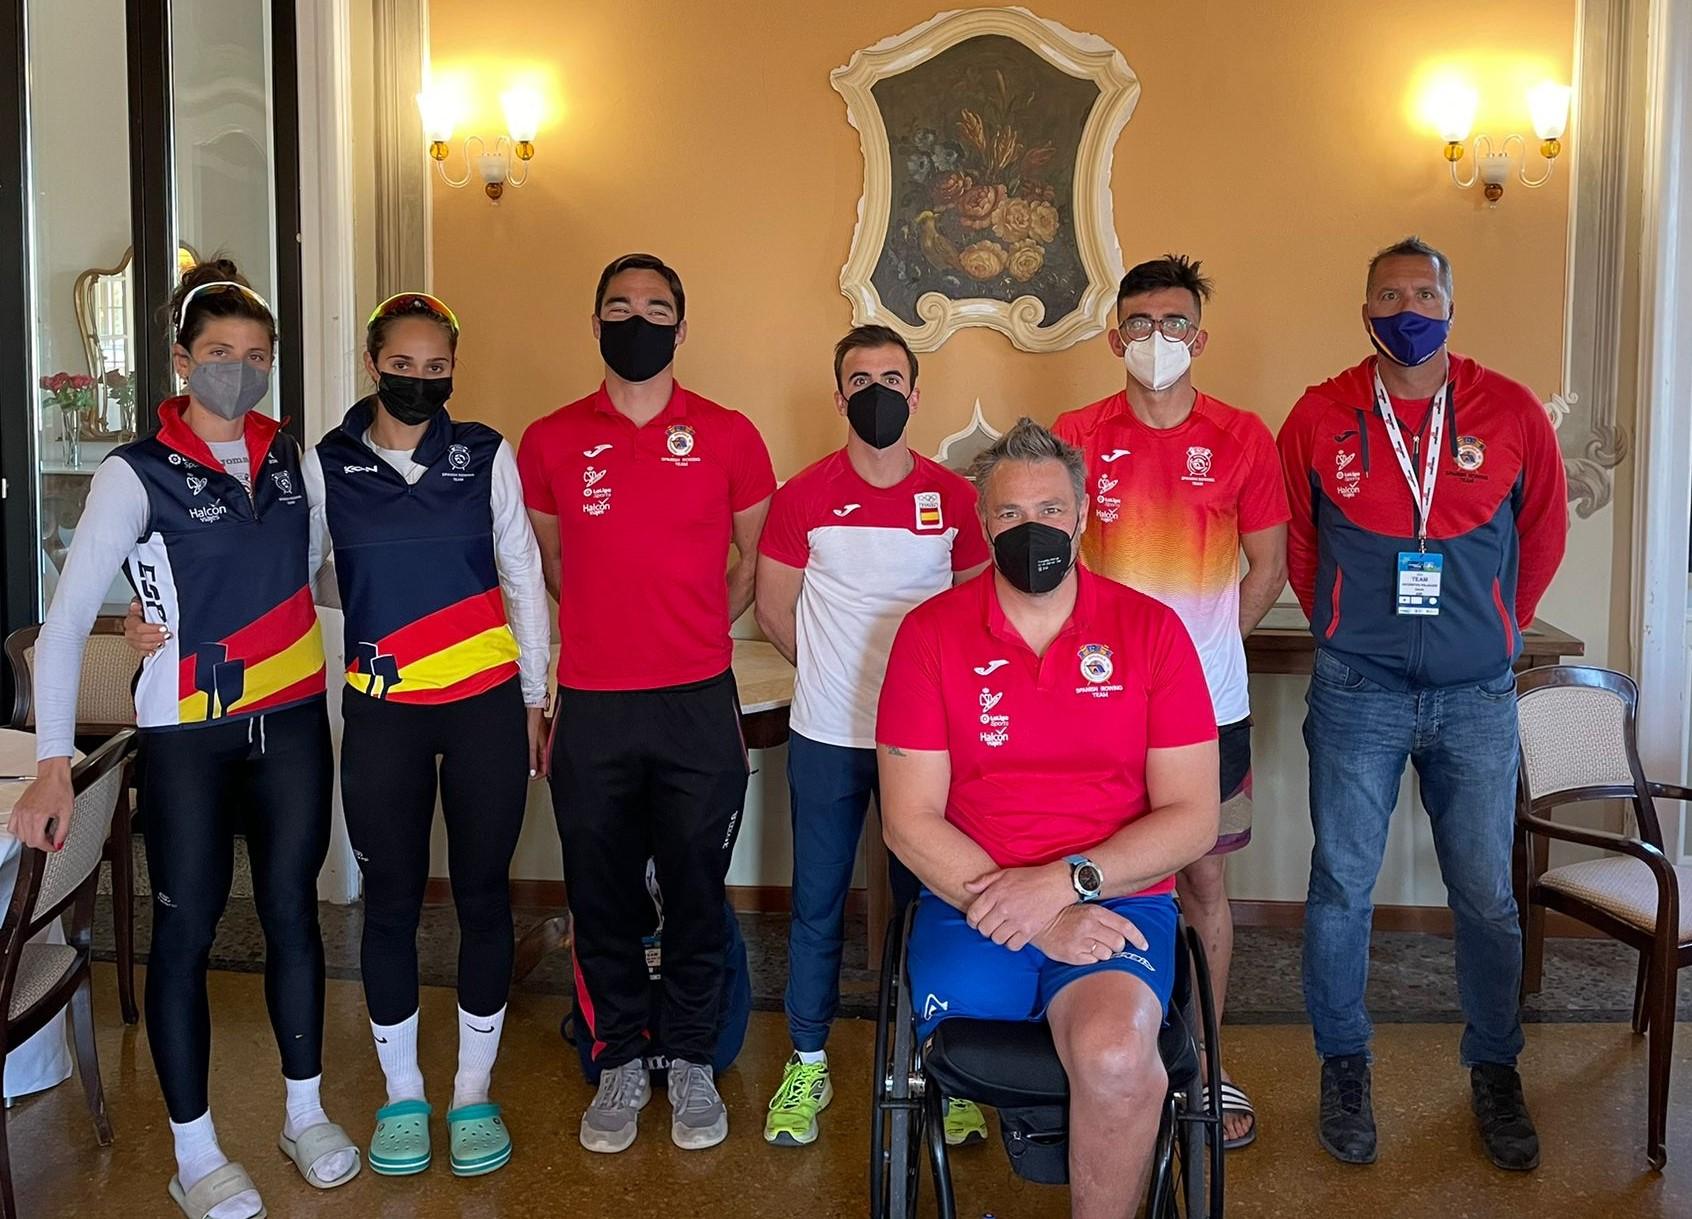 Parte del equipo español en Varese. Fuente: Federación Andaluza de Remo